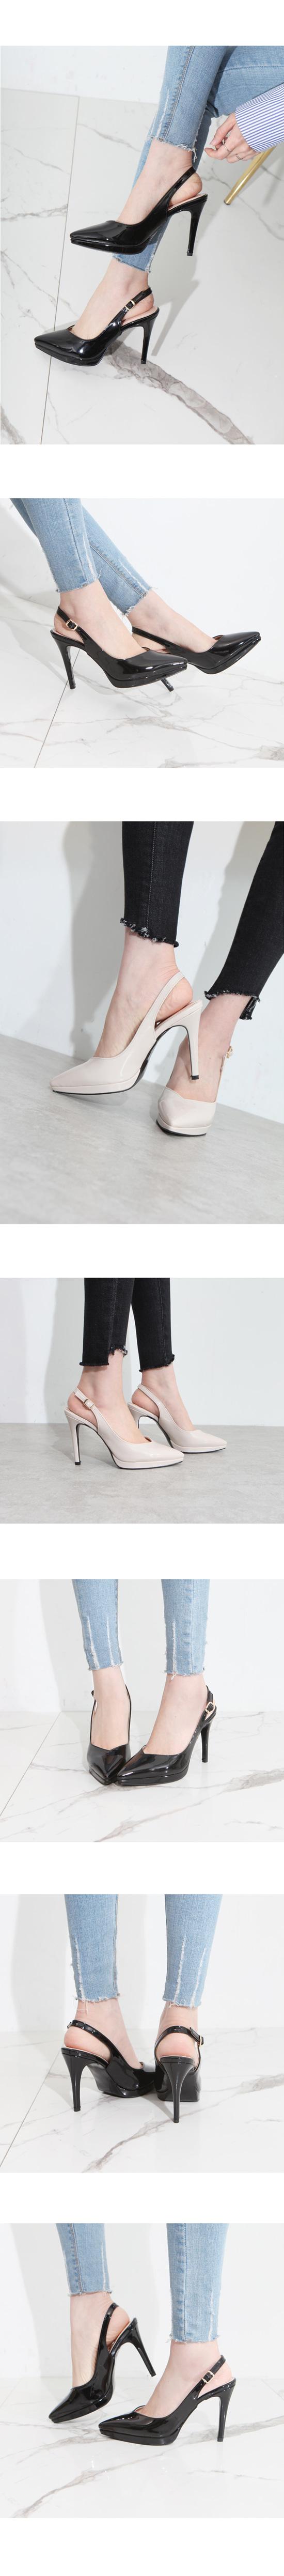 Enamel Slingback Stiletto High Heels Beige